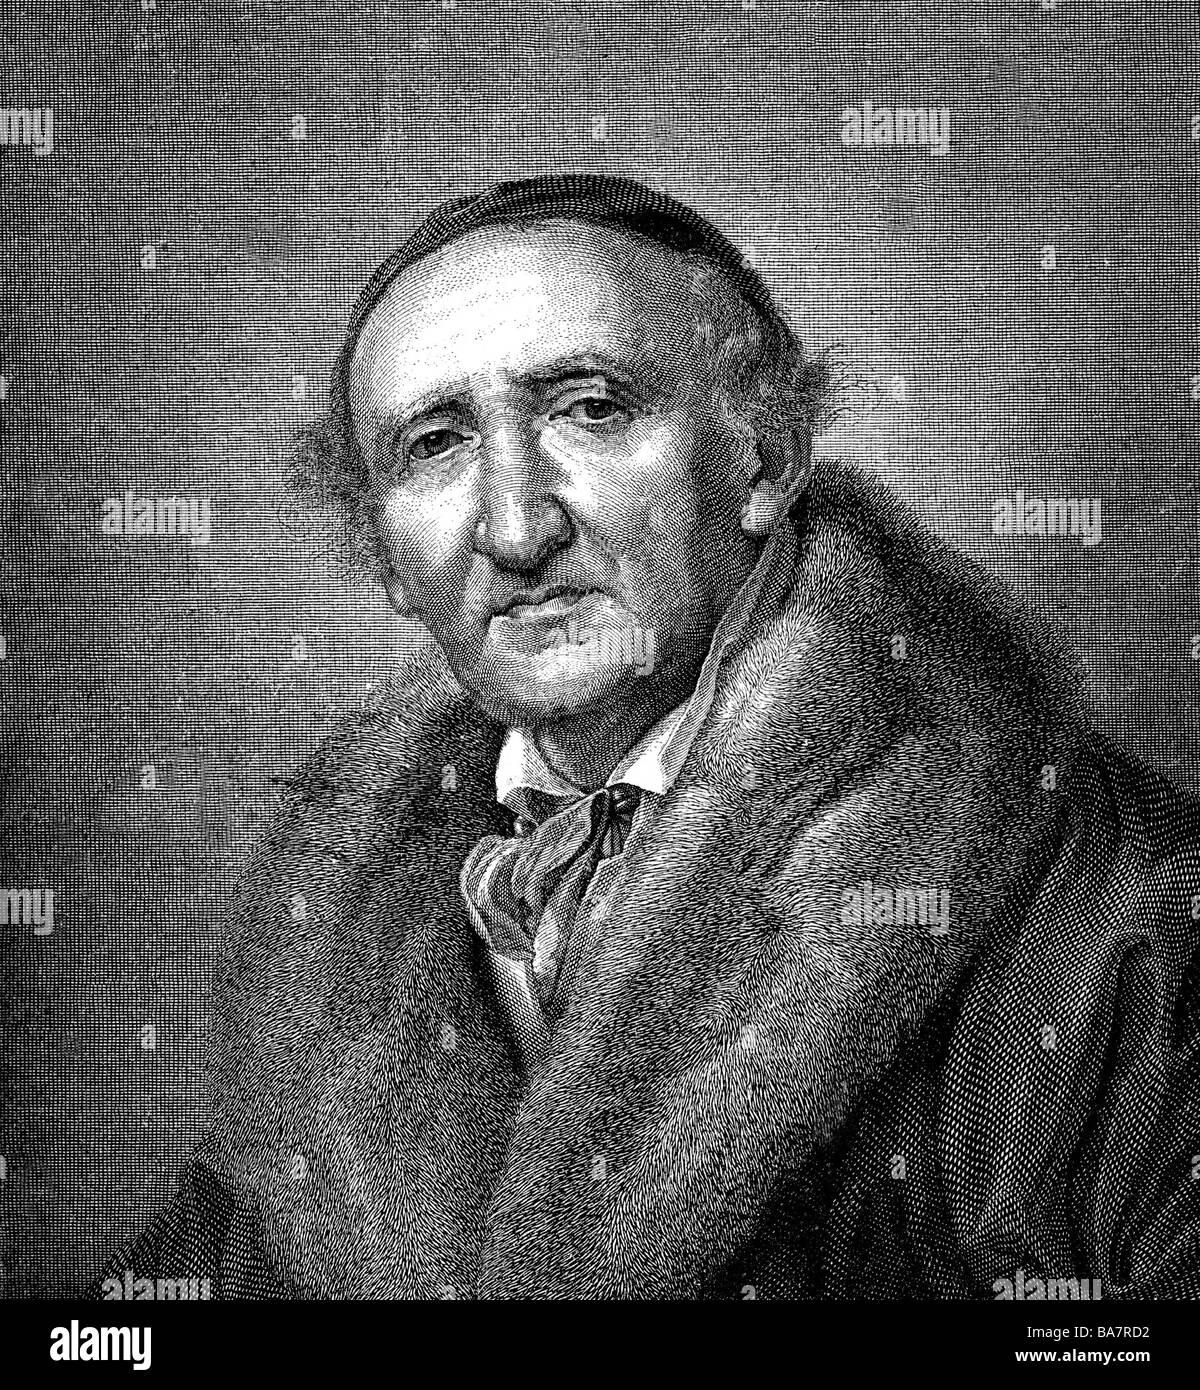 Schadow, Johann Gottfried, 20.5.1764 - 27.1.1850, sculpteur allemand, portrait, gravure de bois de H. Brei, après peinture de Huebner, Banque D'Images